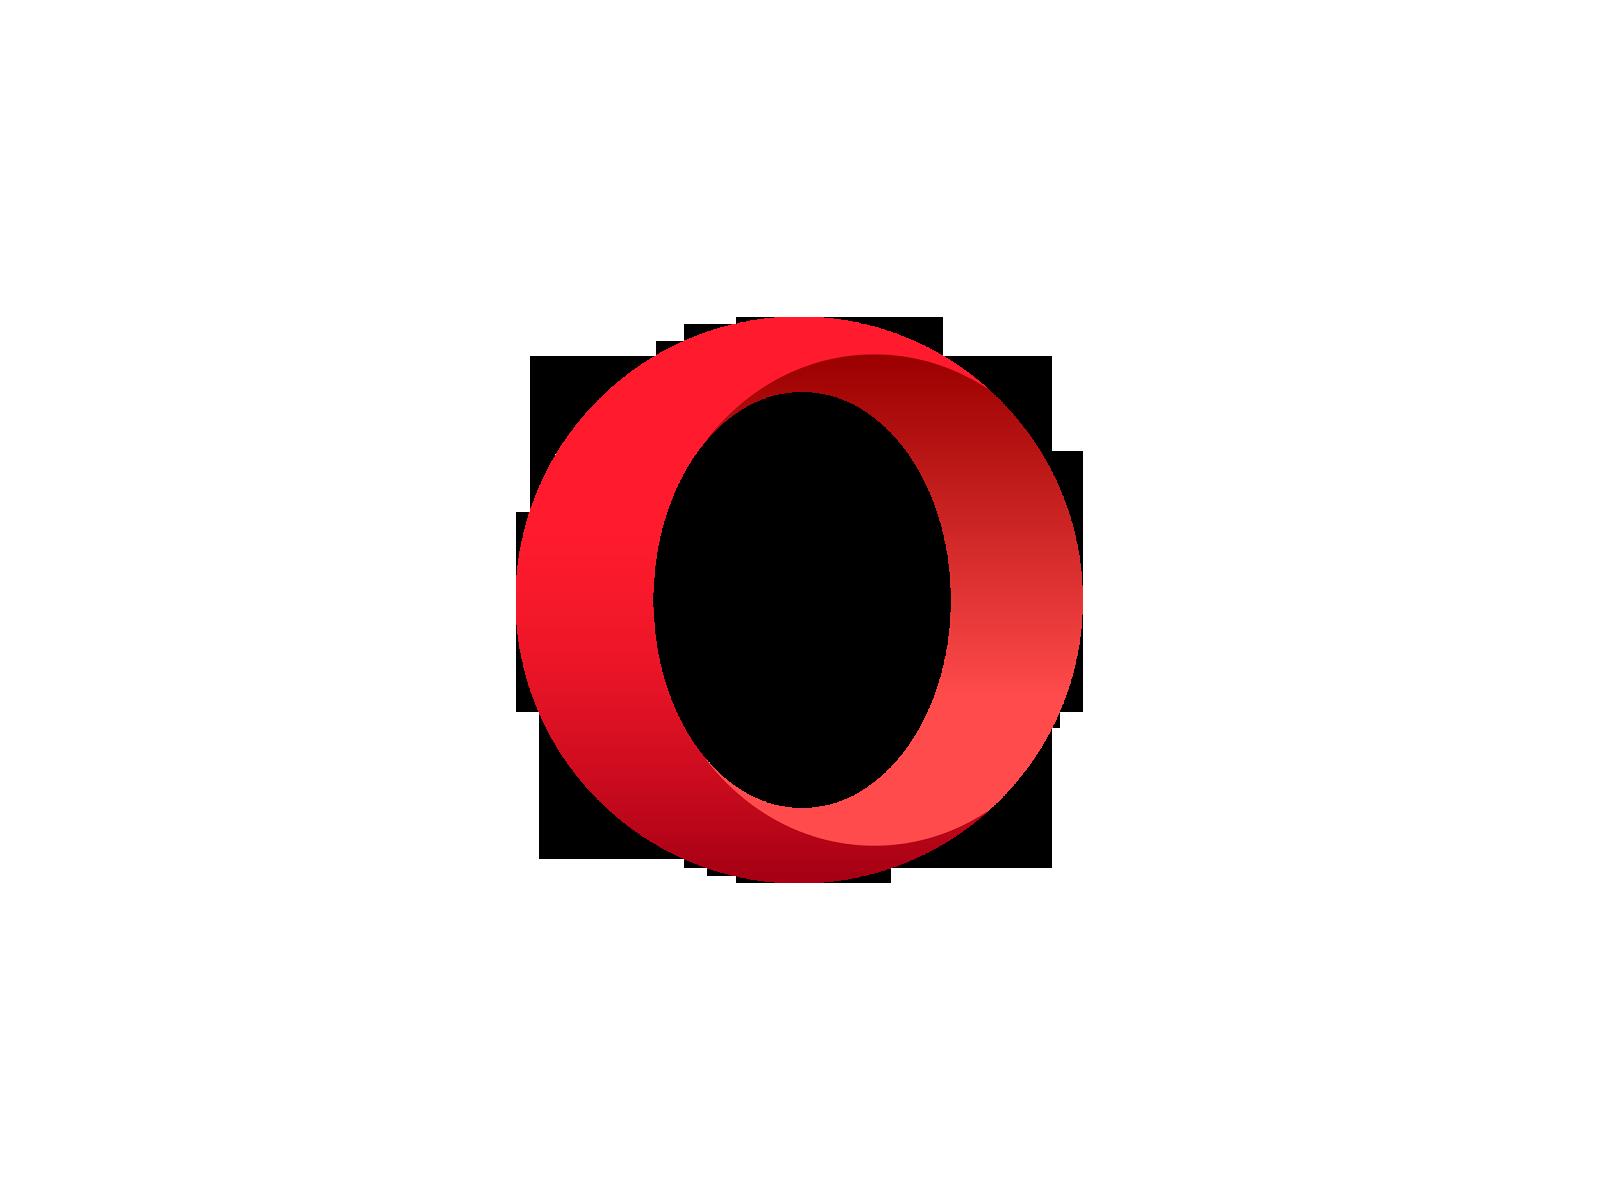 Opera Logo | Logok - Opera Logo PNG